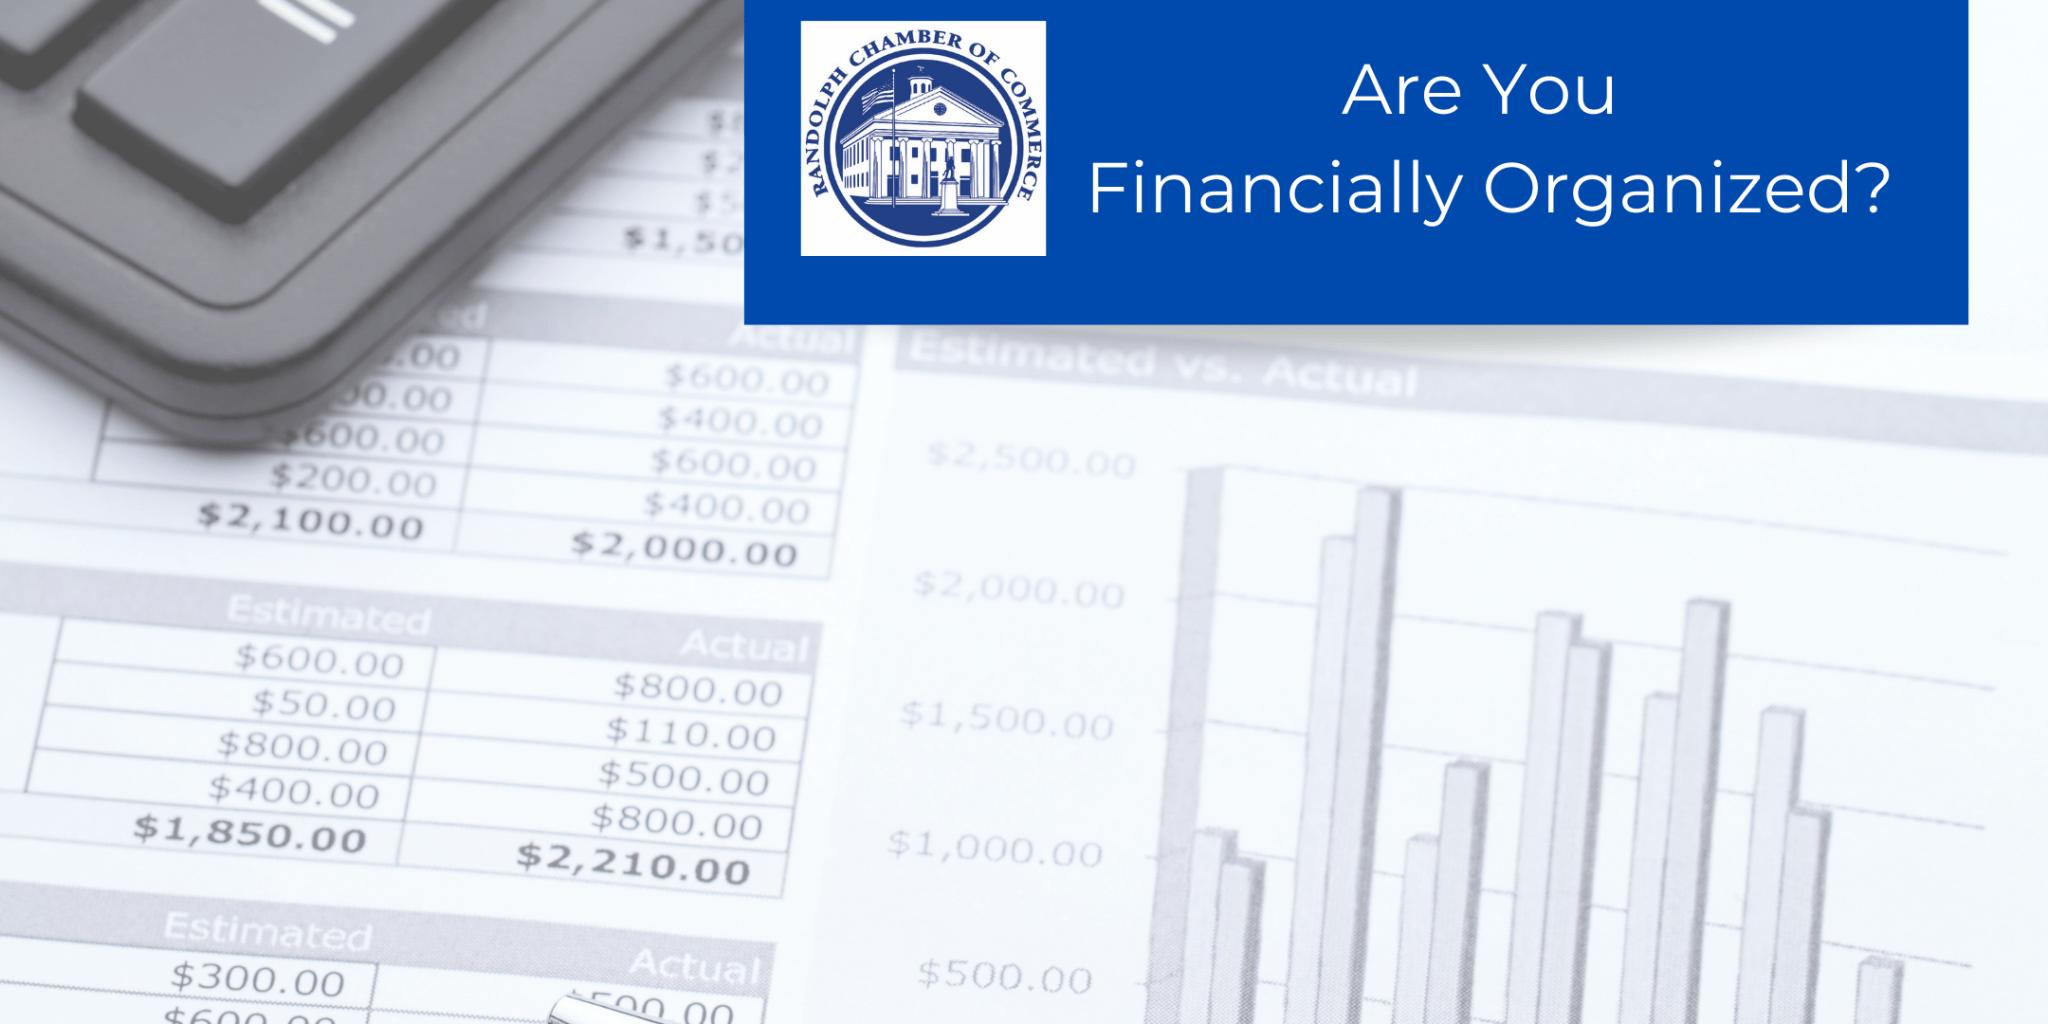 Financial Organization